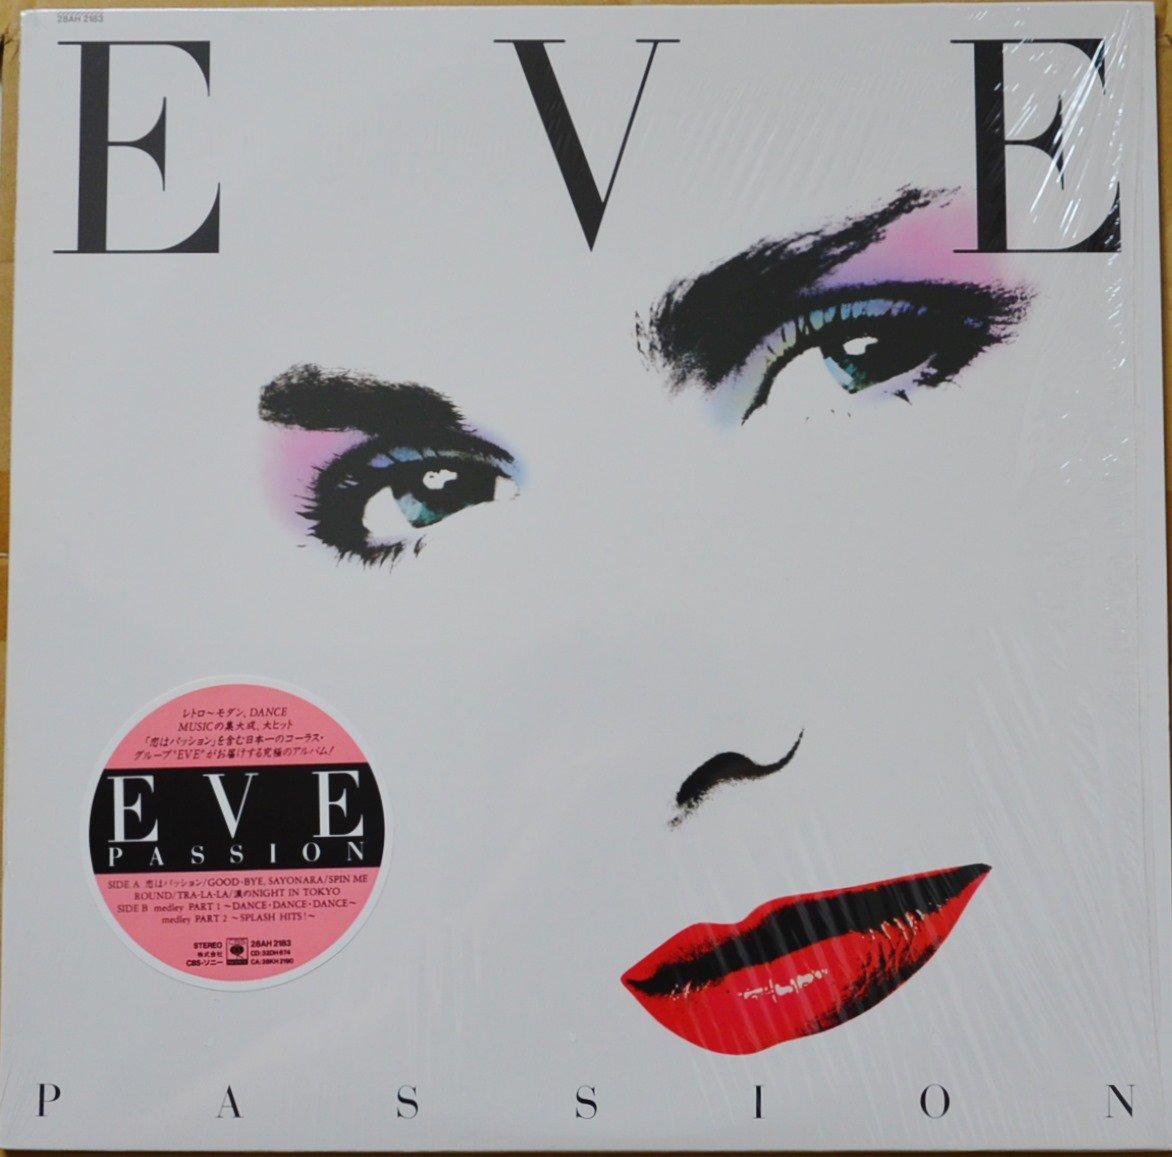 イヴ EVE / パッション PASSION (LP)